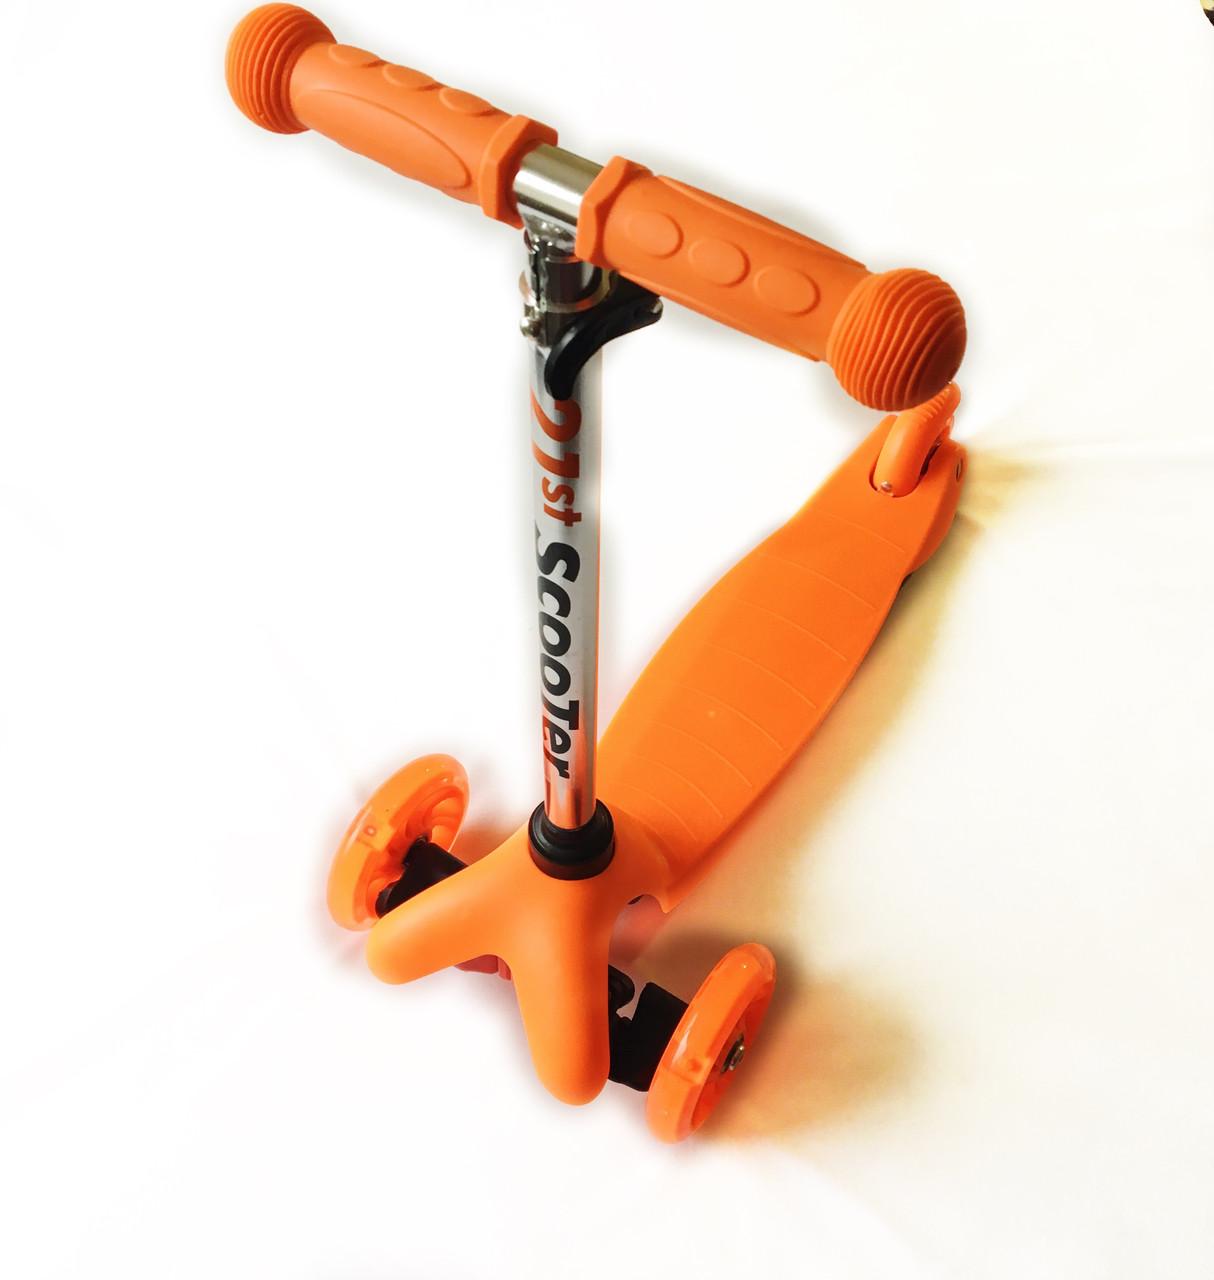 Трехколесный детский самокат 21 Scooter - Mini - Оранжевый